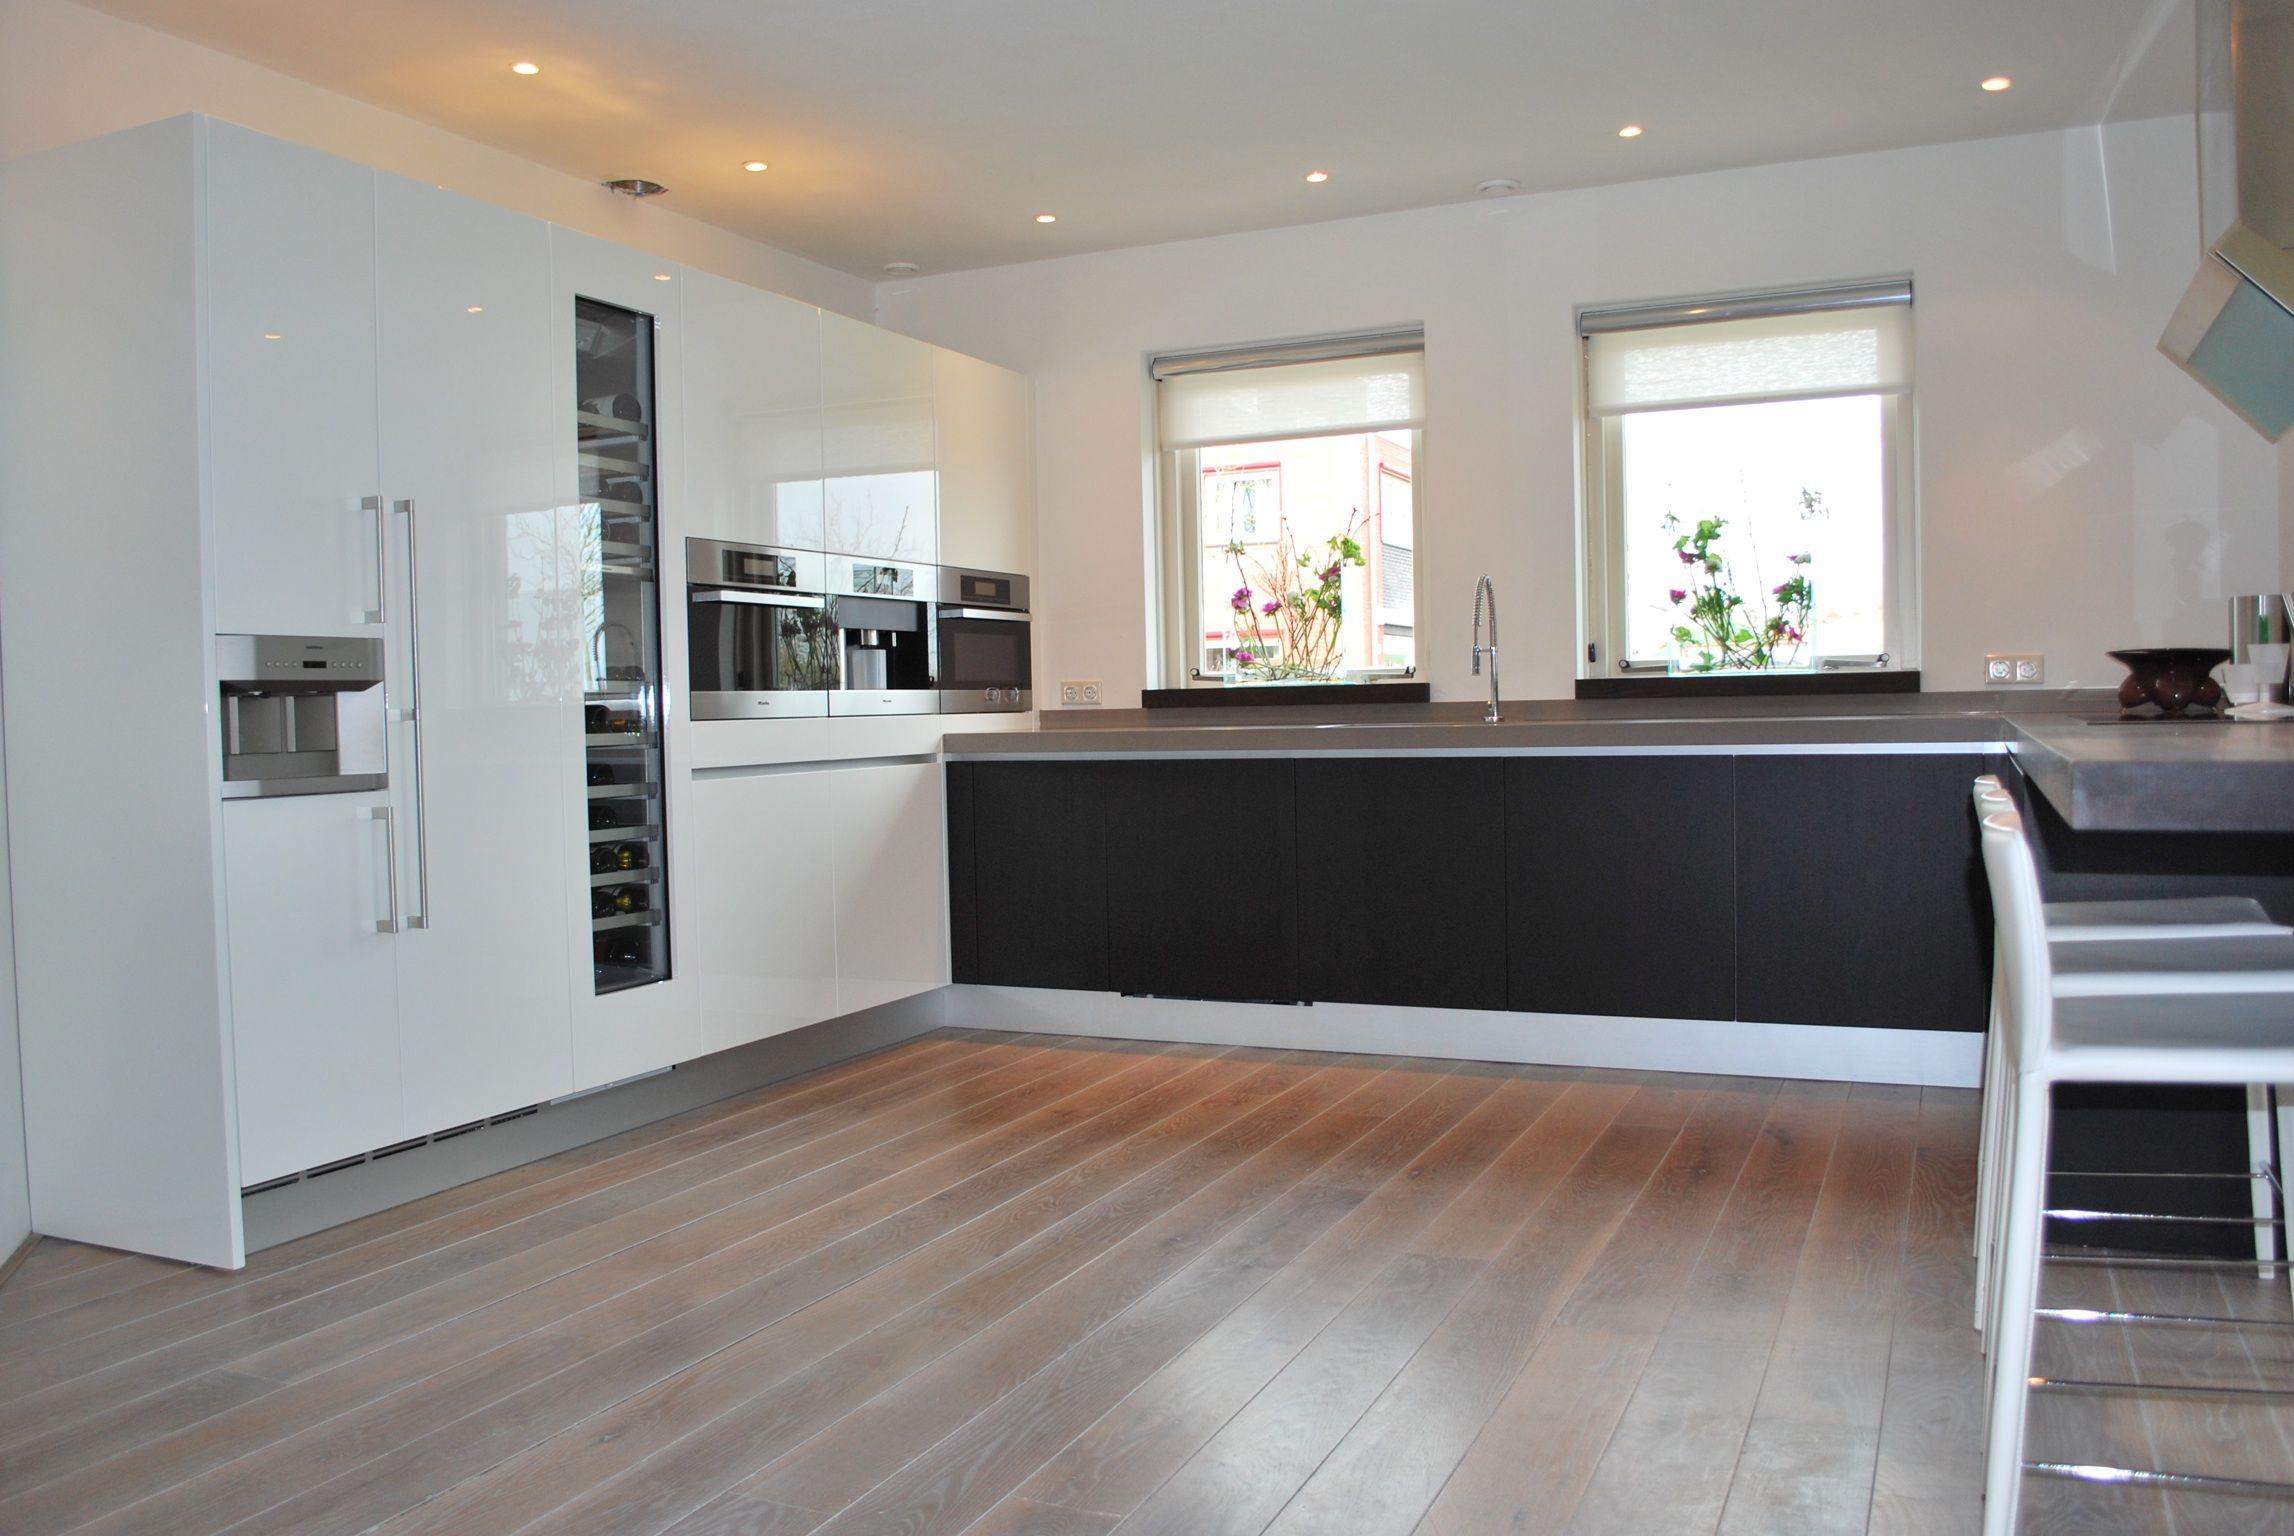 gaggenau wijnkast en side by side koelkast in varenna keuken keuken pinterest. Black Bedroom Furniture Sets. Home Design Ideas